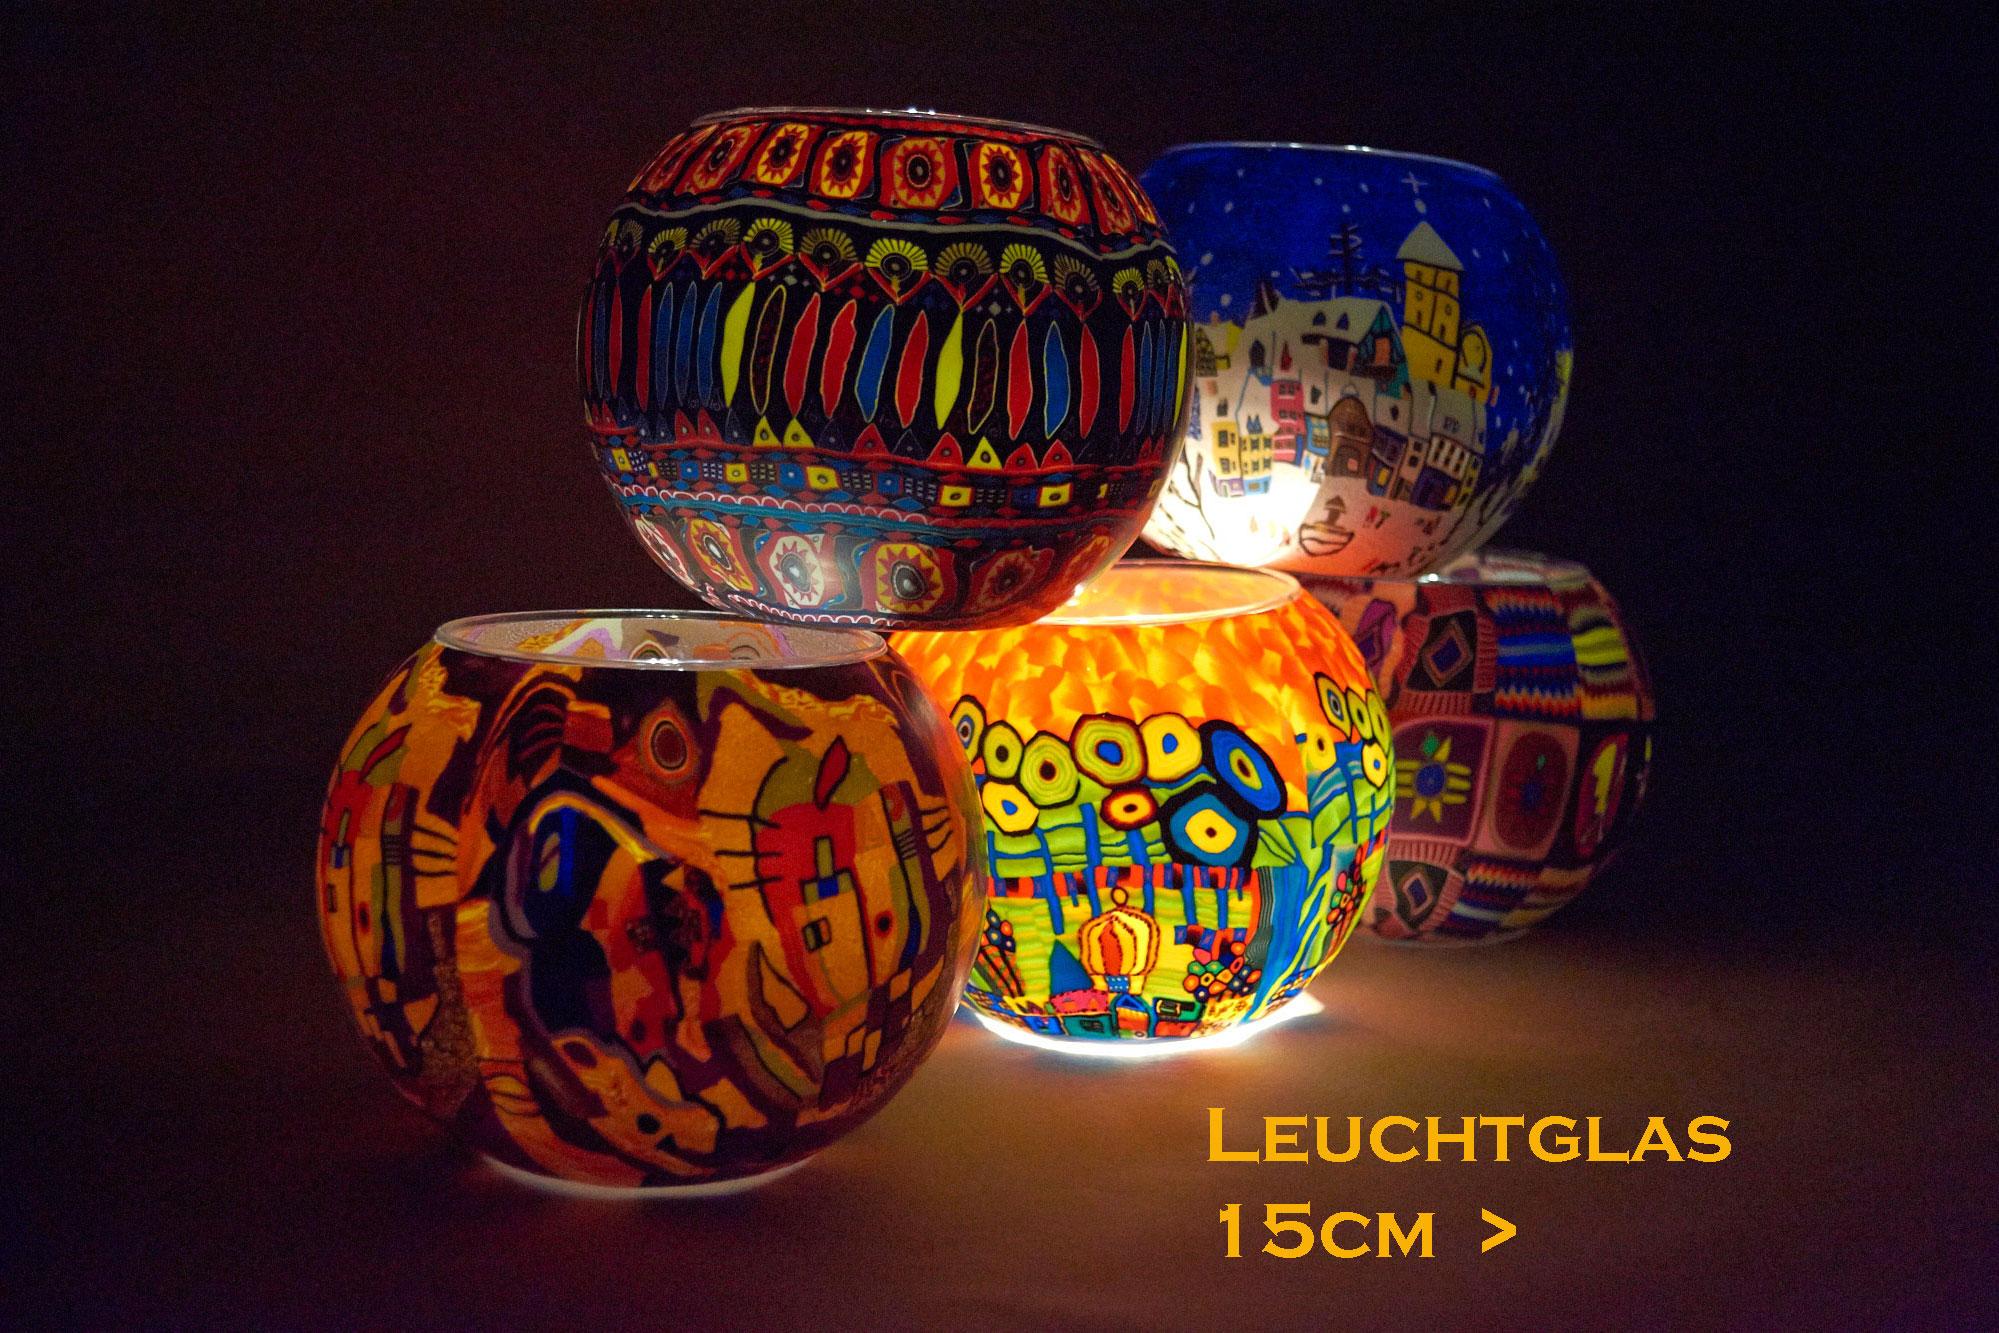 hellmann versand 15cm leuchtglas